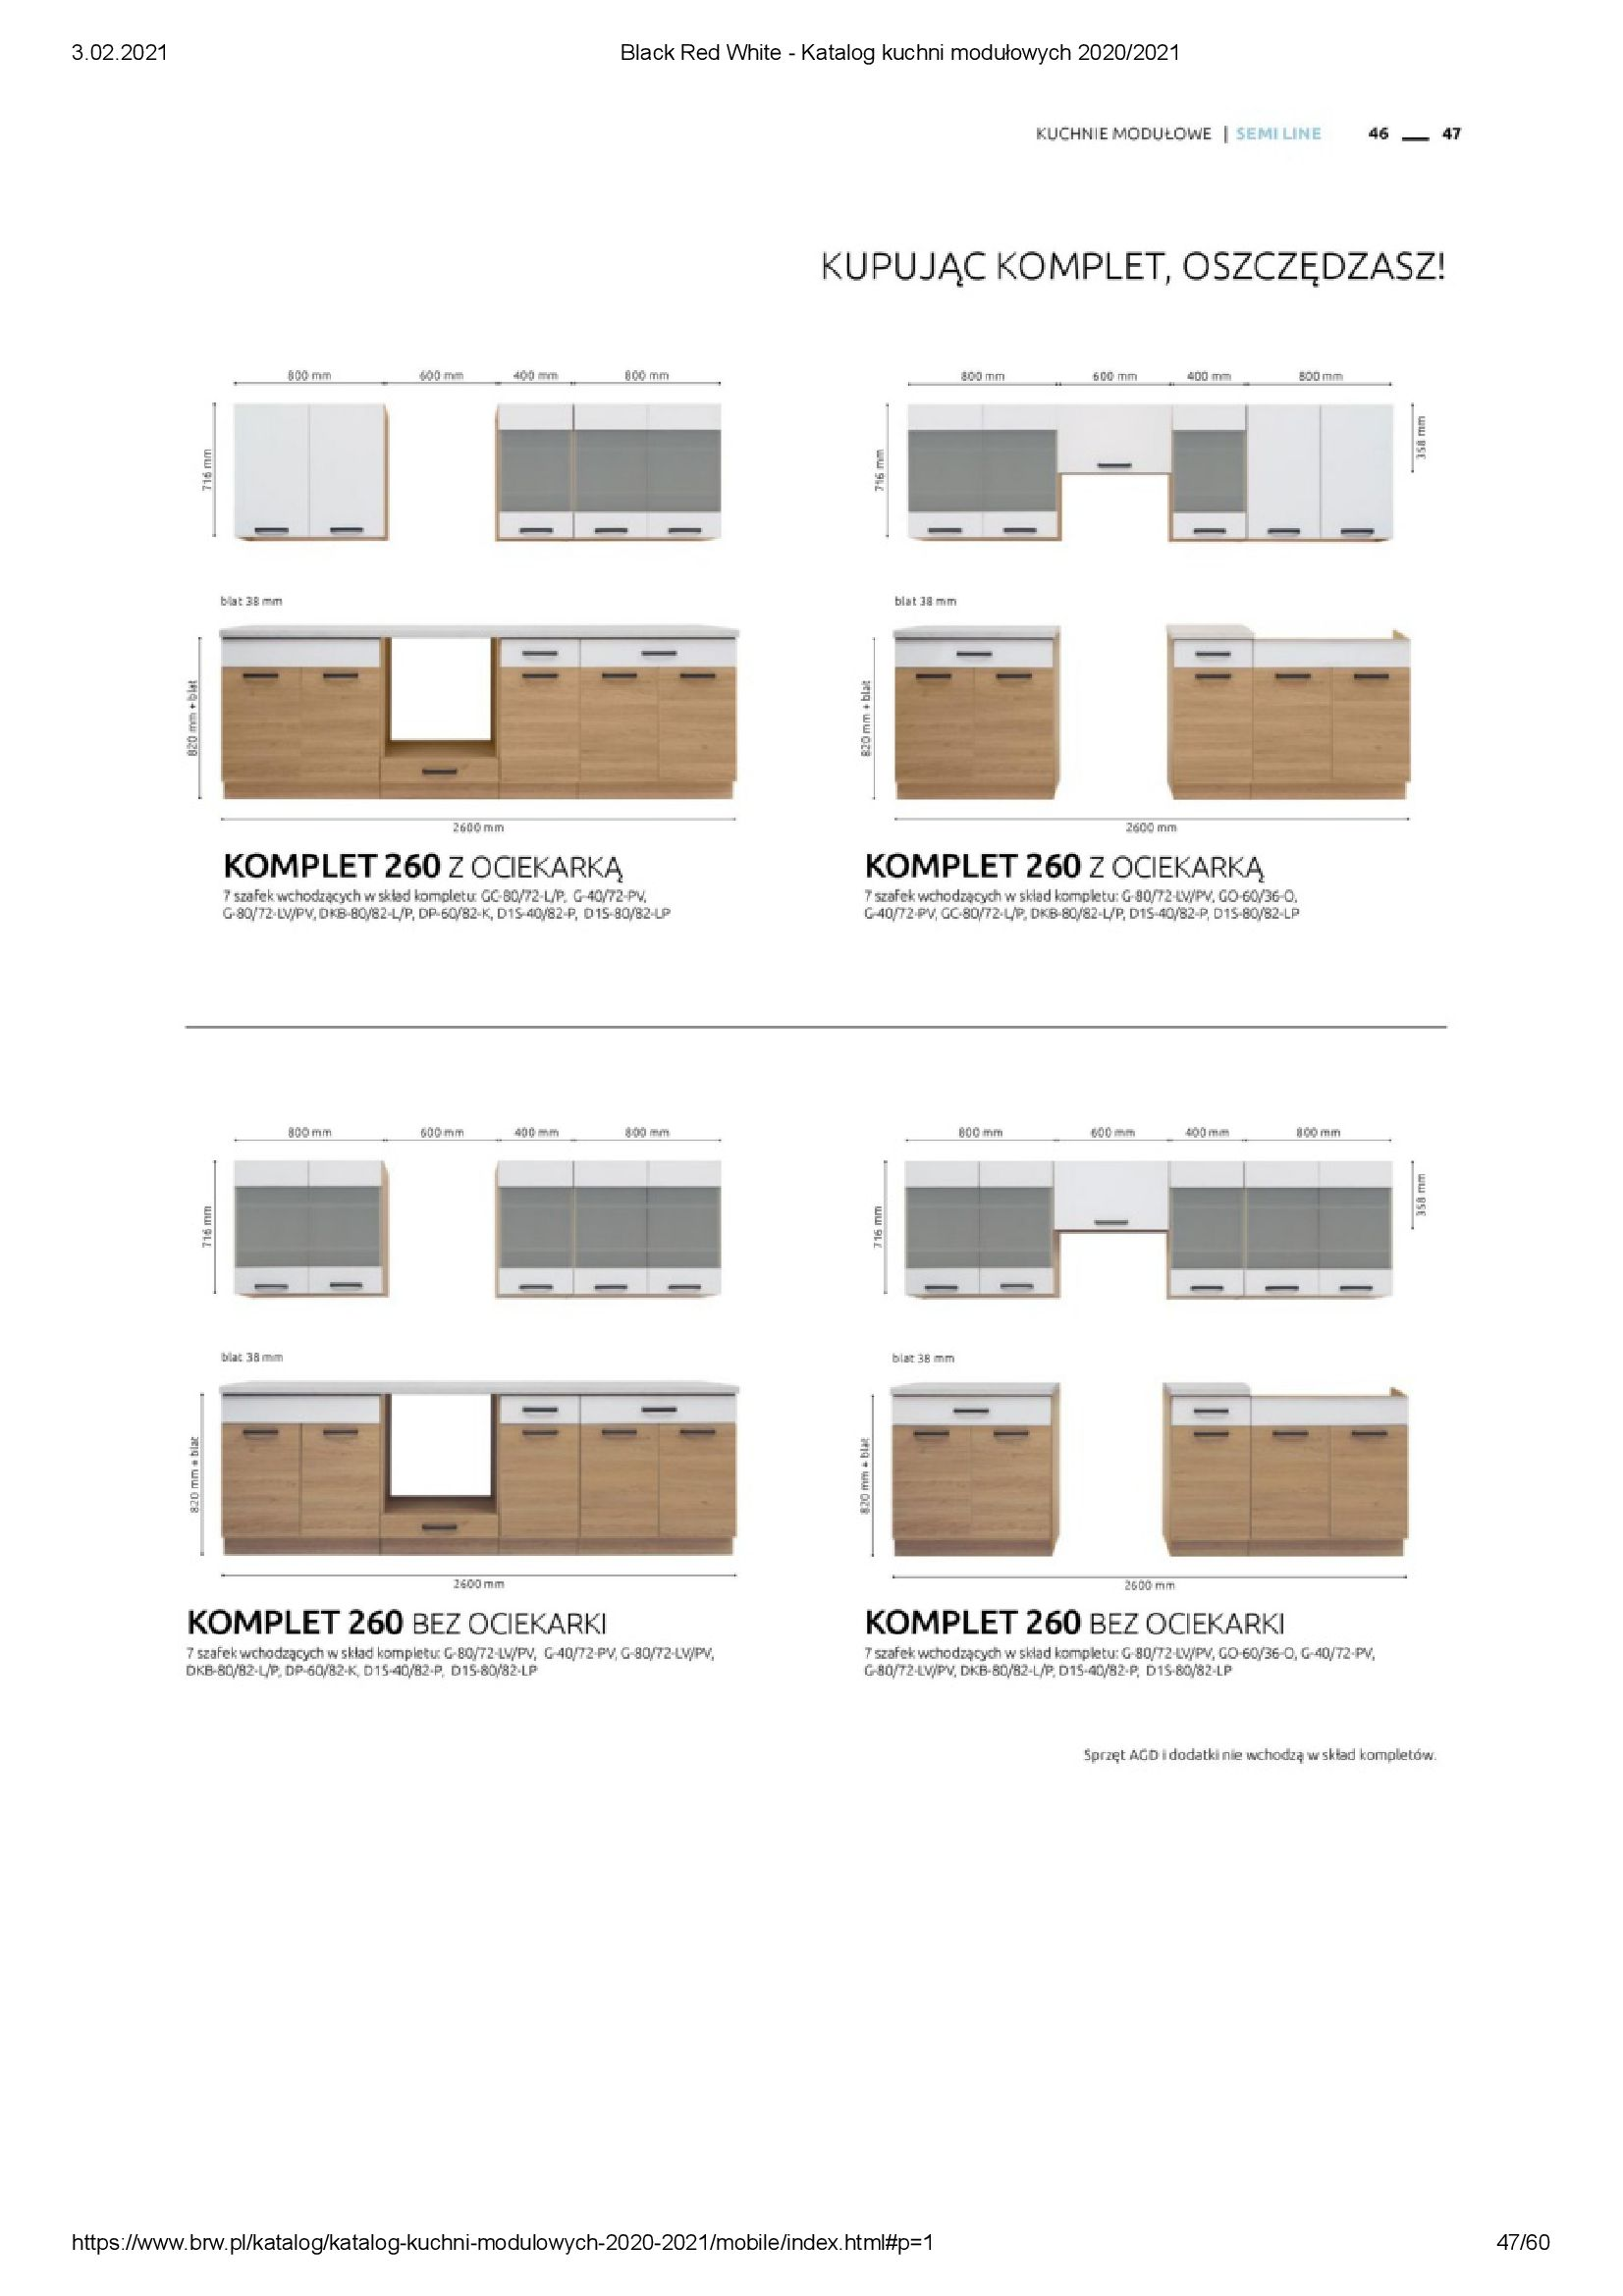 Gazetka Black Red White: Katalog - Kuchnie modułowe 2020/2021 2021-01-01 page-47